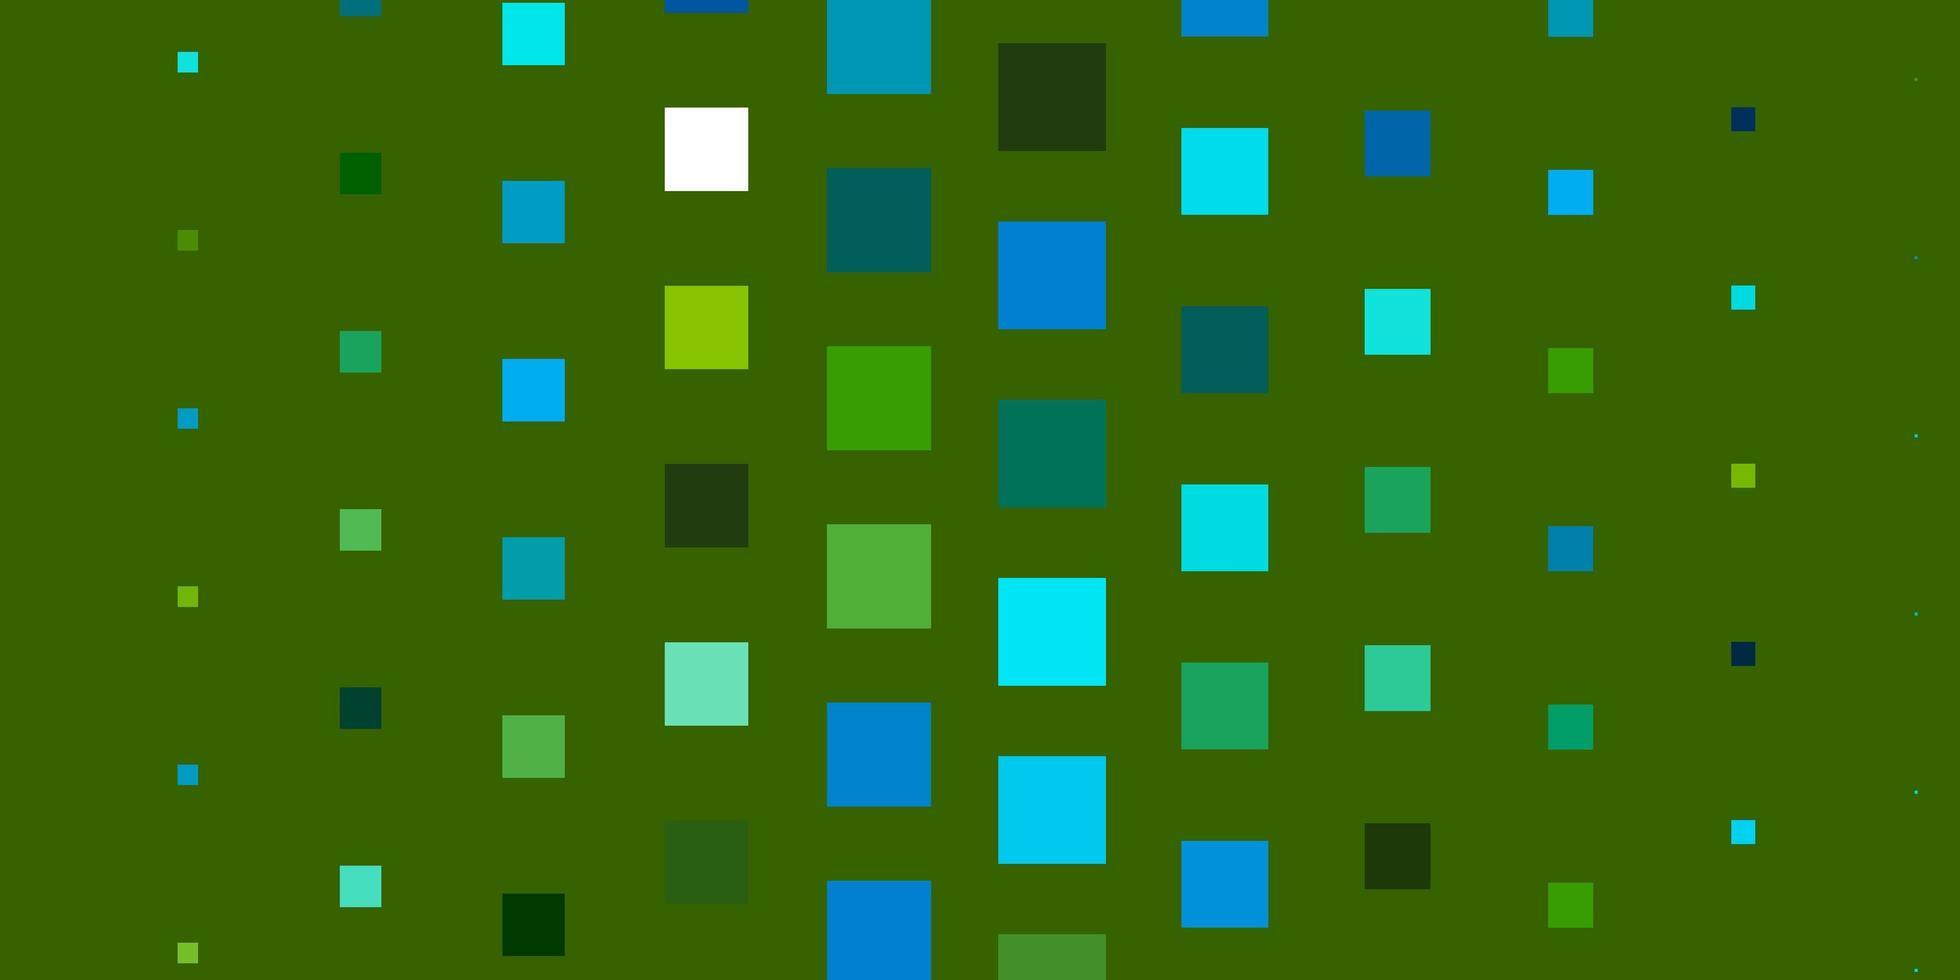 diseño azul y verde con cuadrados. vector